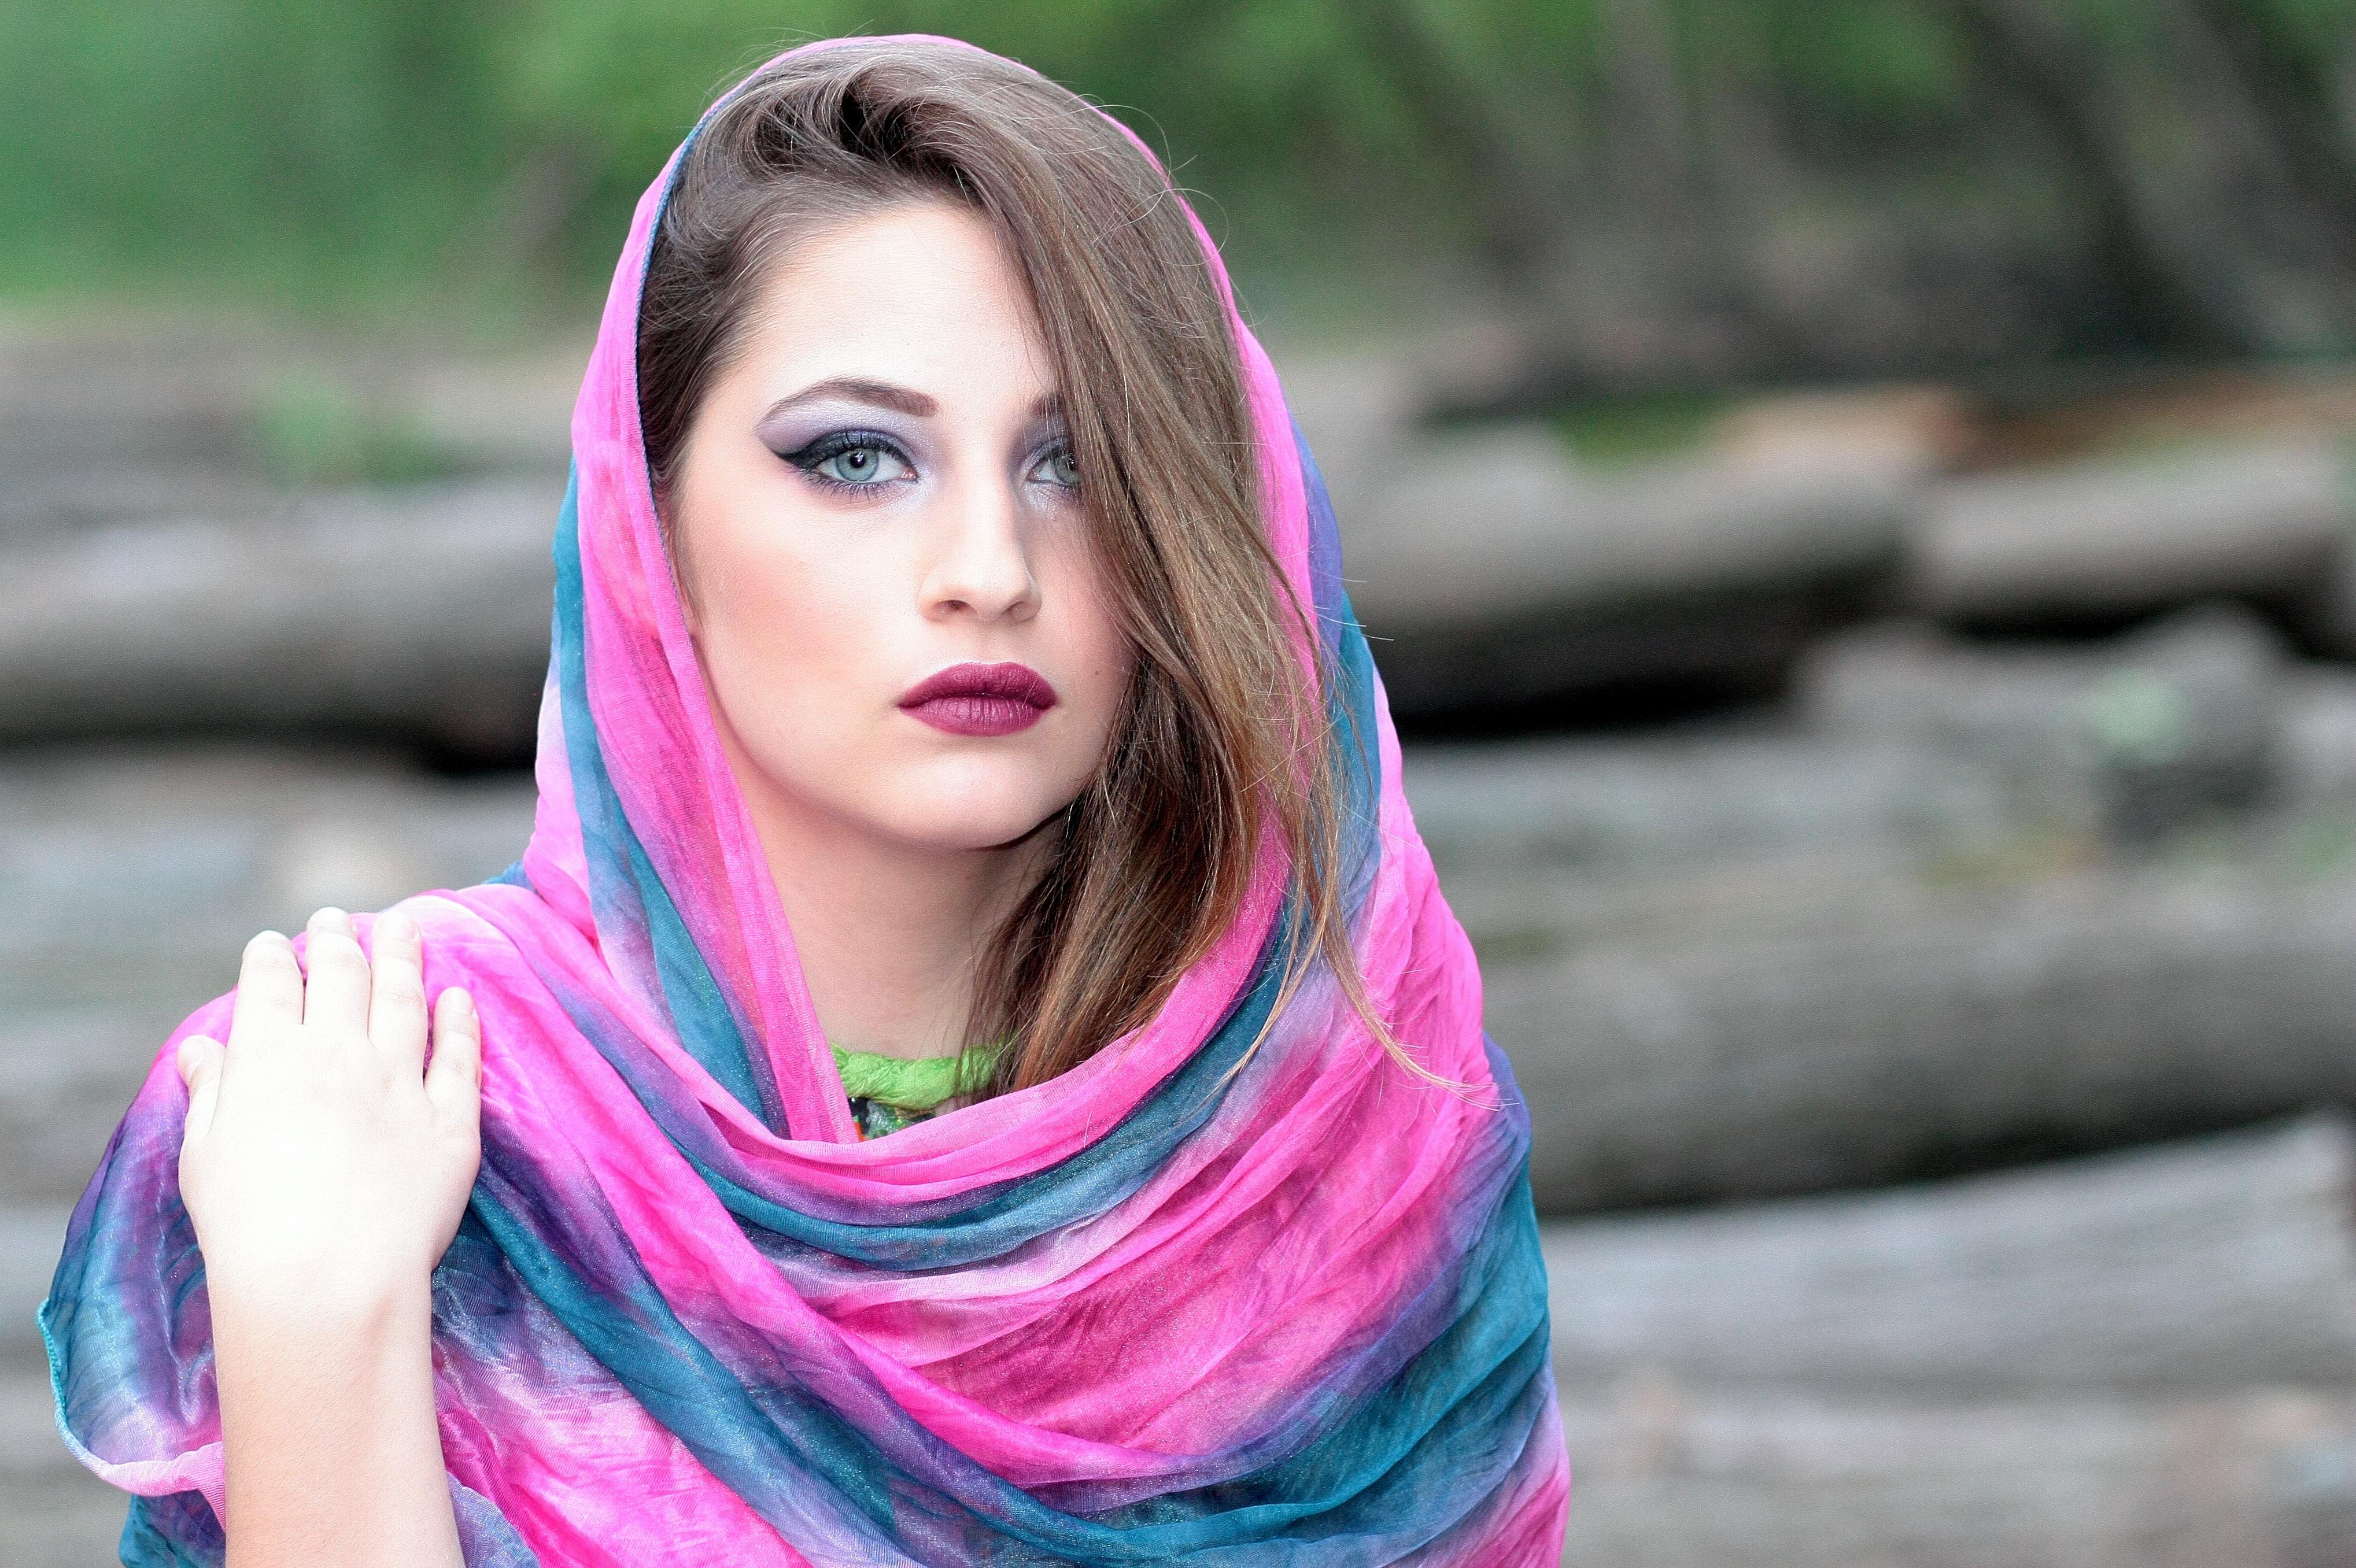 Kostenlose foto Mädchen Haar Fotografie Porträt Modell